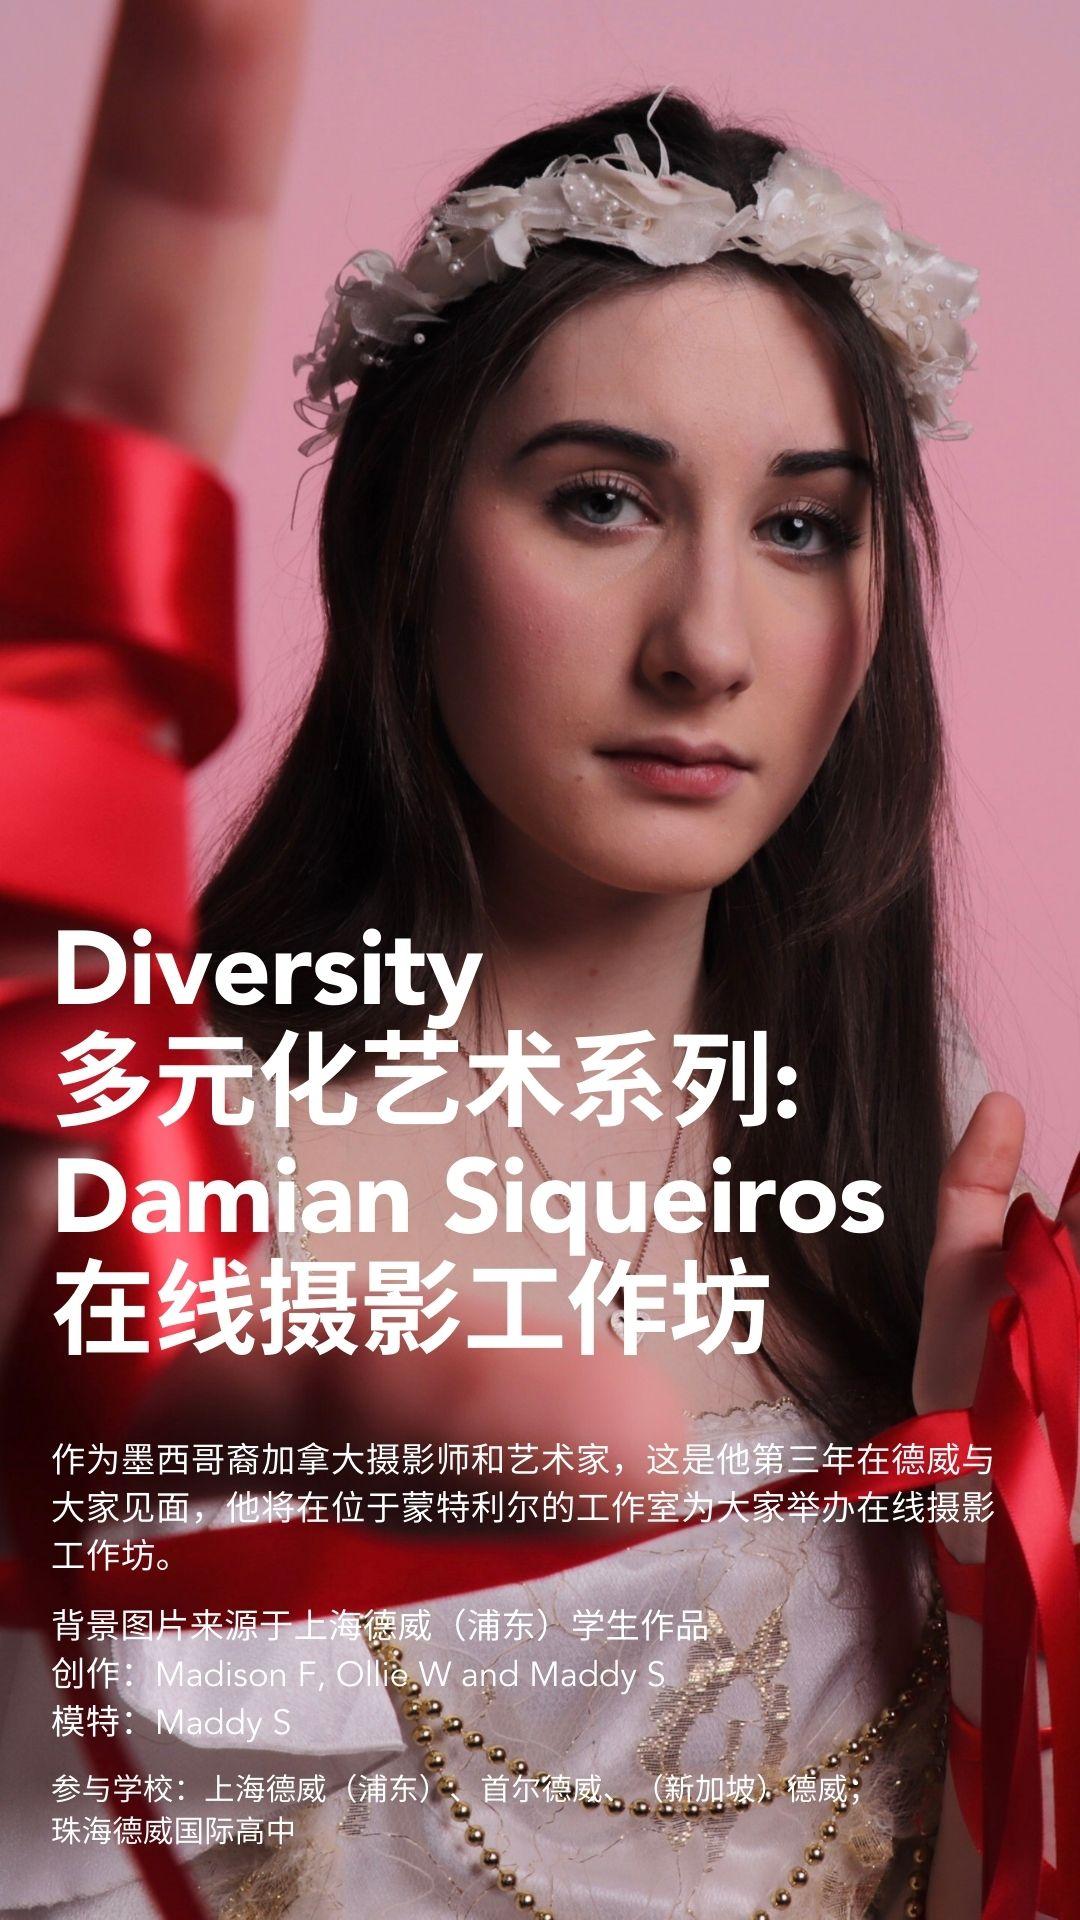 Diversity多元艺术系列:  Damian Siqueiros 在线摄影工作坊